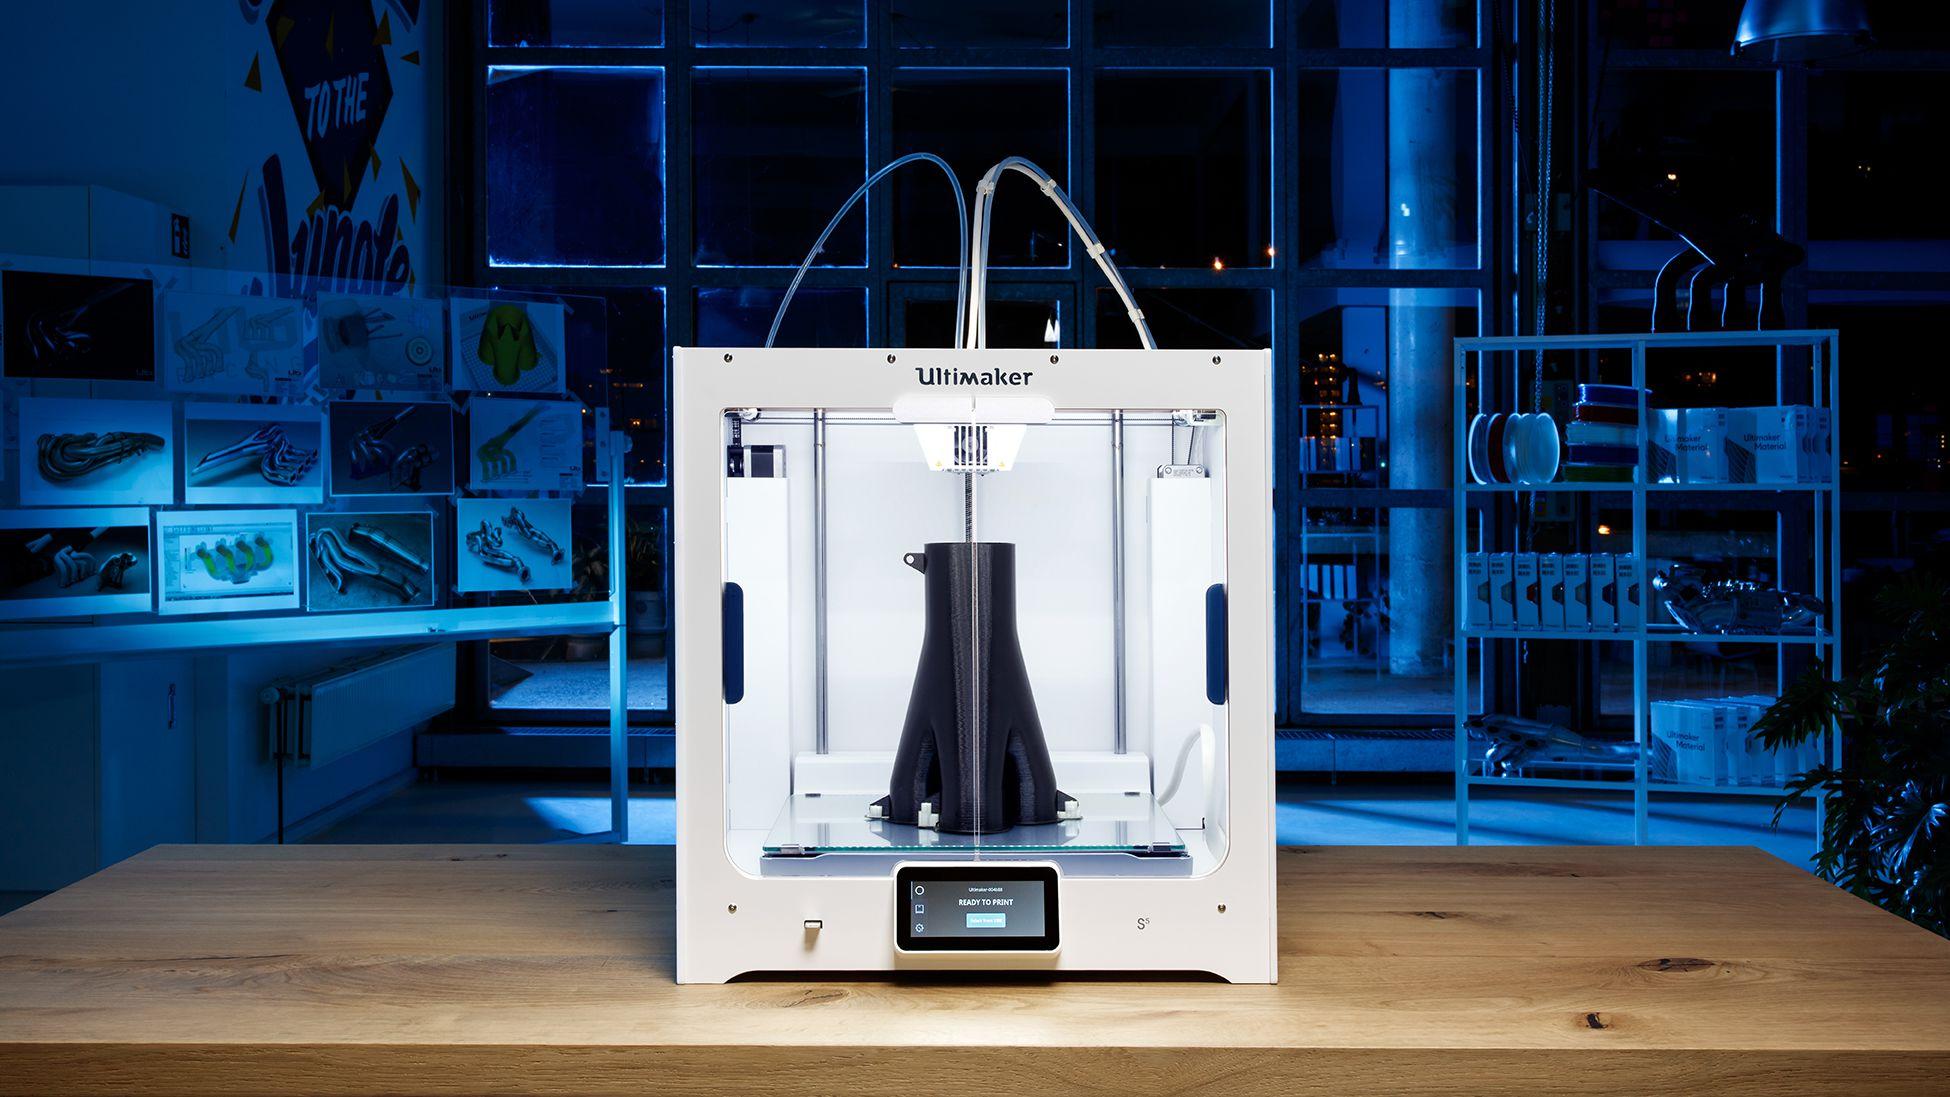 Les 14 meilleures imprimantes 3D professionnelles | All3DP Pro